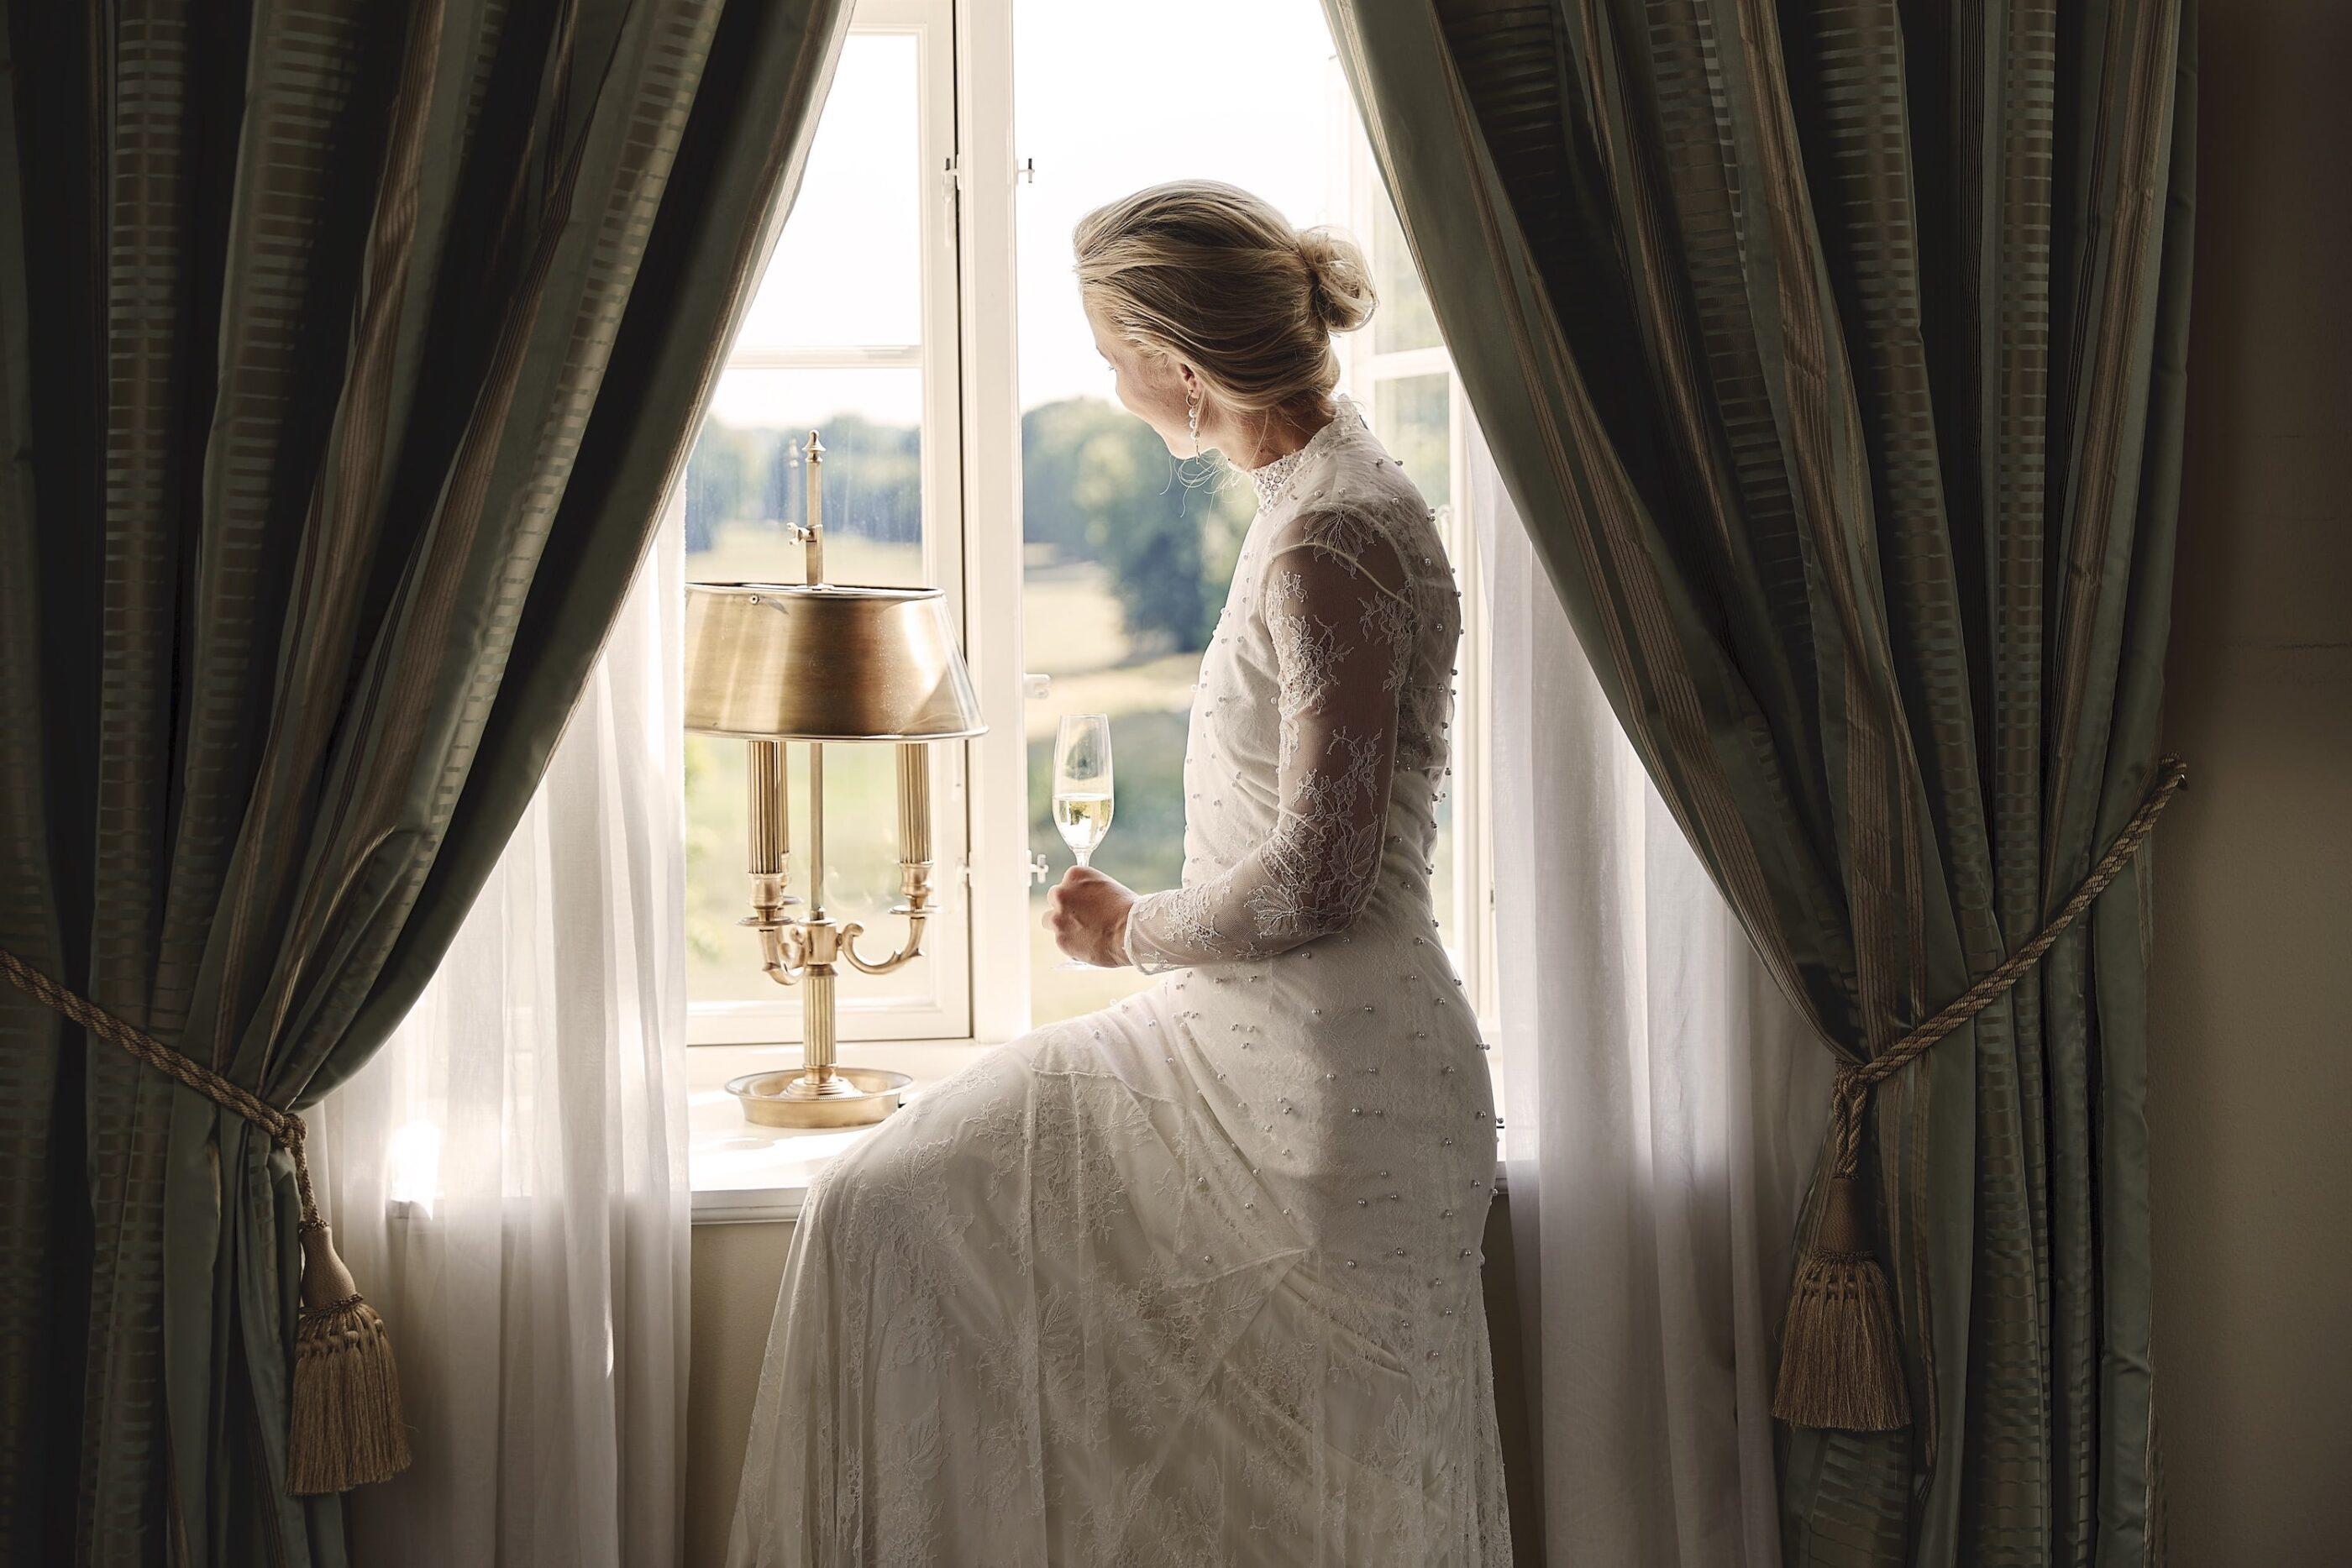 En kvinde i hvid kjole kigger ud af vinduet med et glas vin i hånden